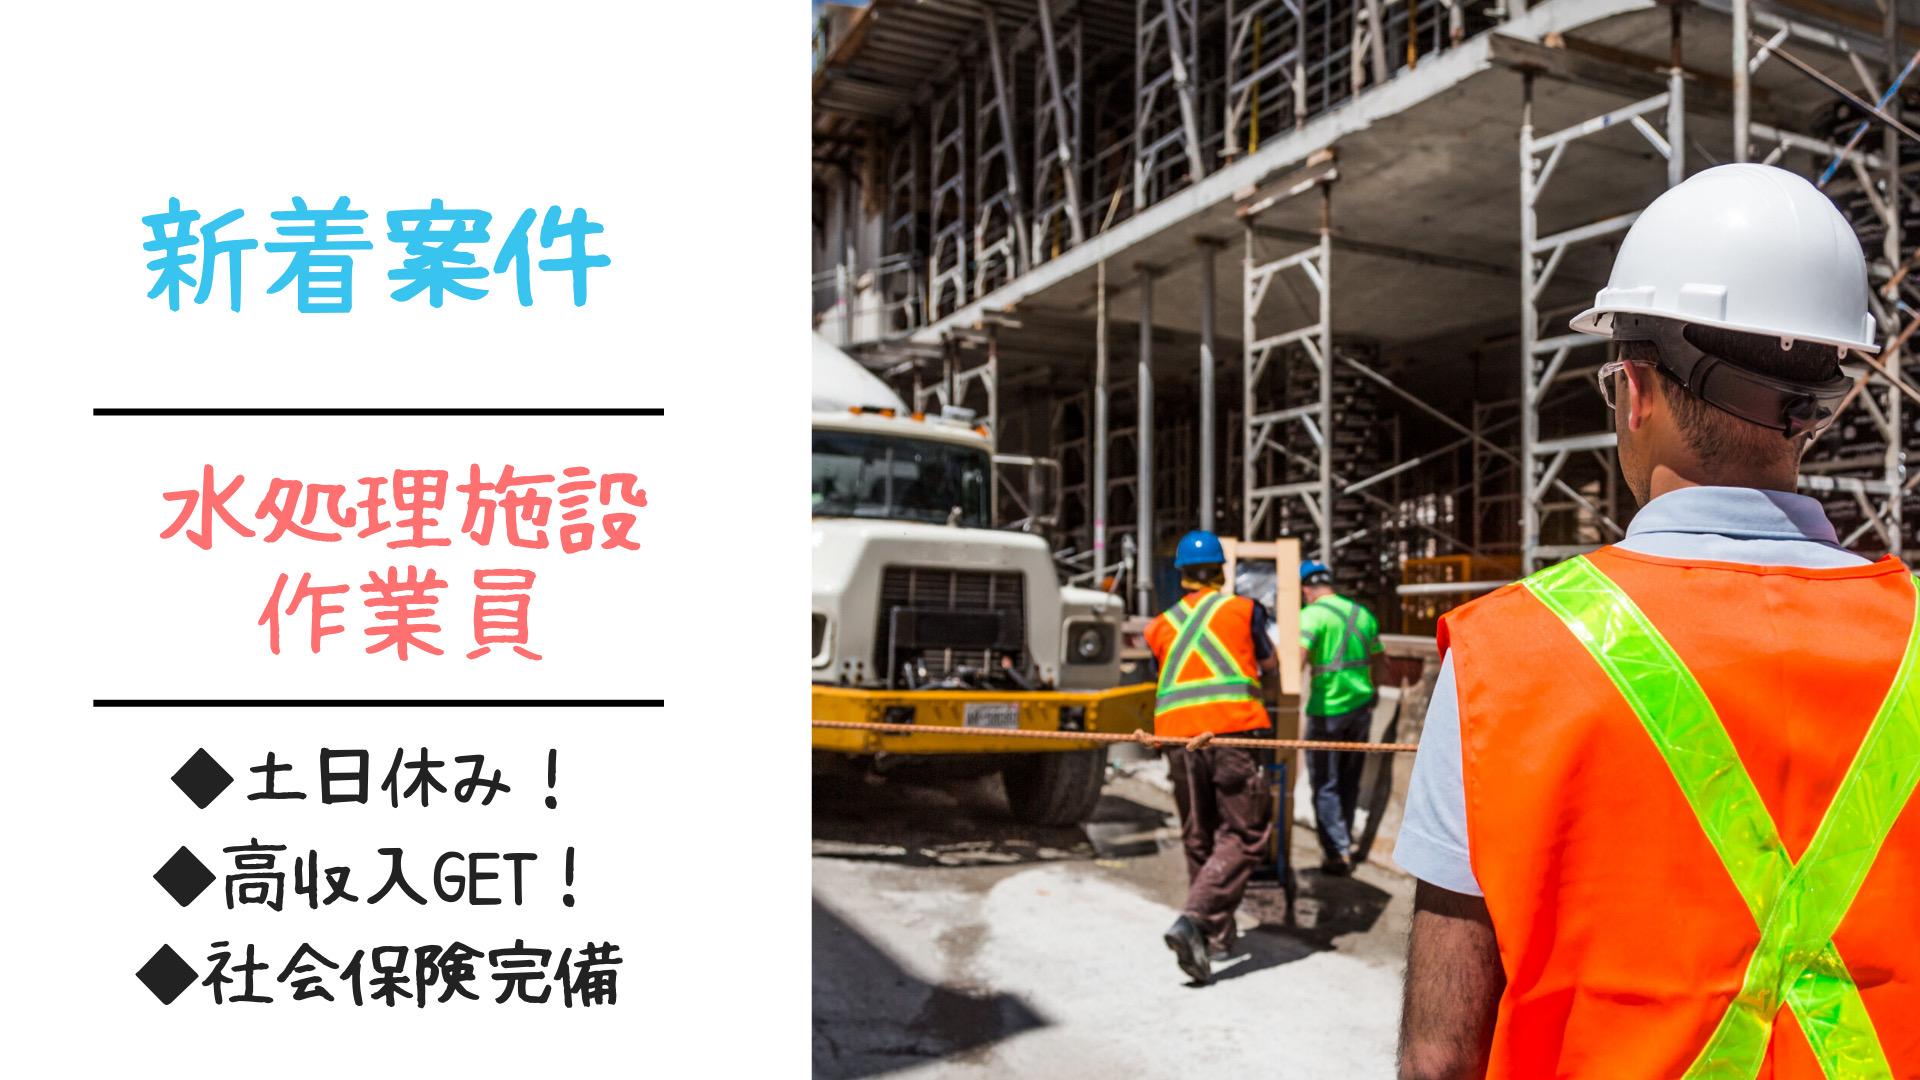 【即面談可能】豊田市で水処理施設の作業員募集!月給38万円!!浄化槽管理士歓迎♪主婦・中高年・シニアの方など、様々な年齢層のスタッフが活躍中! イメージ